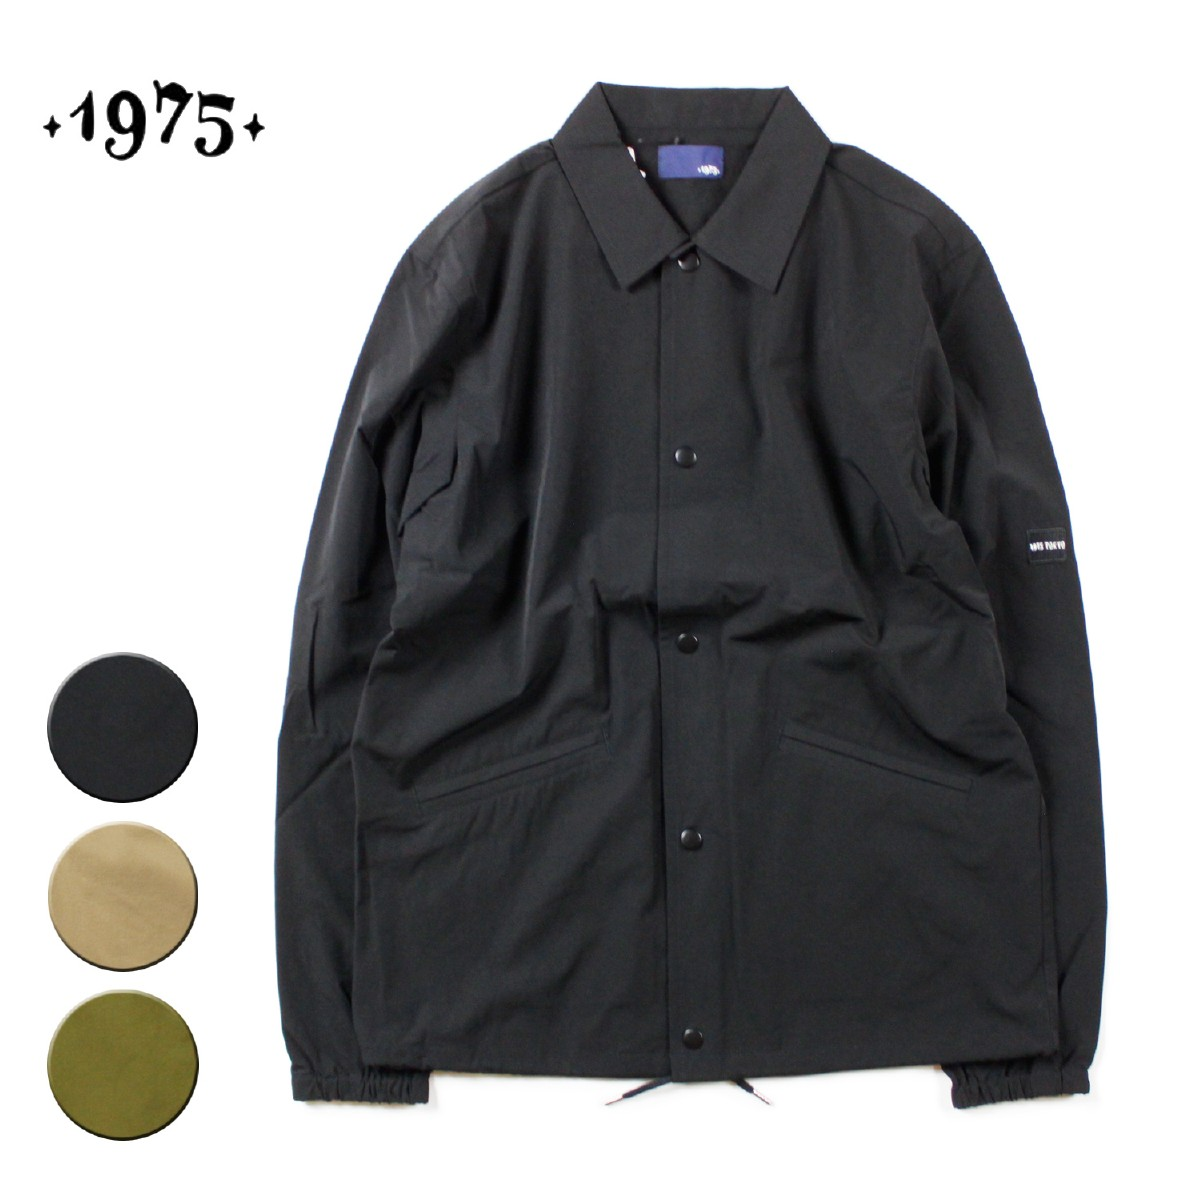 【セール】【30%OFF】1975 TOKYO STRECH COACH JACKET メンズ ブラック/ベージュ/カーキ M-XL【コート アウター ナイロンジャケット 黒 オリーブ サーフ ブランド】